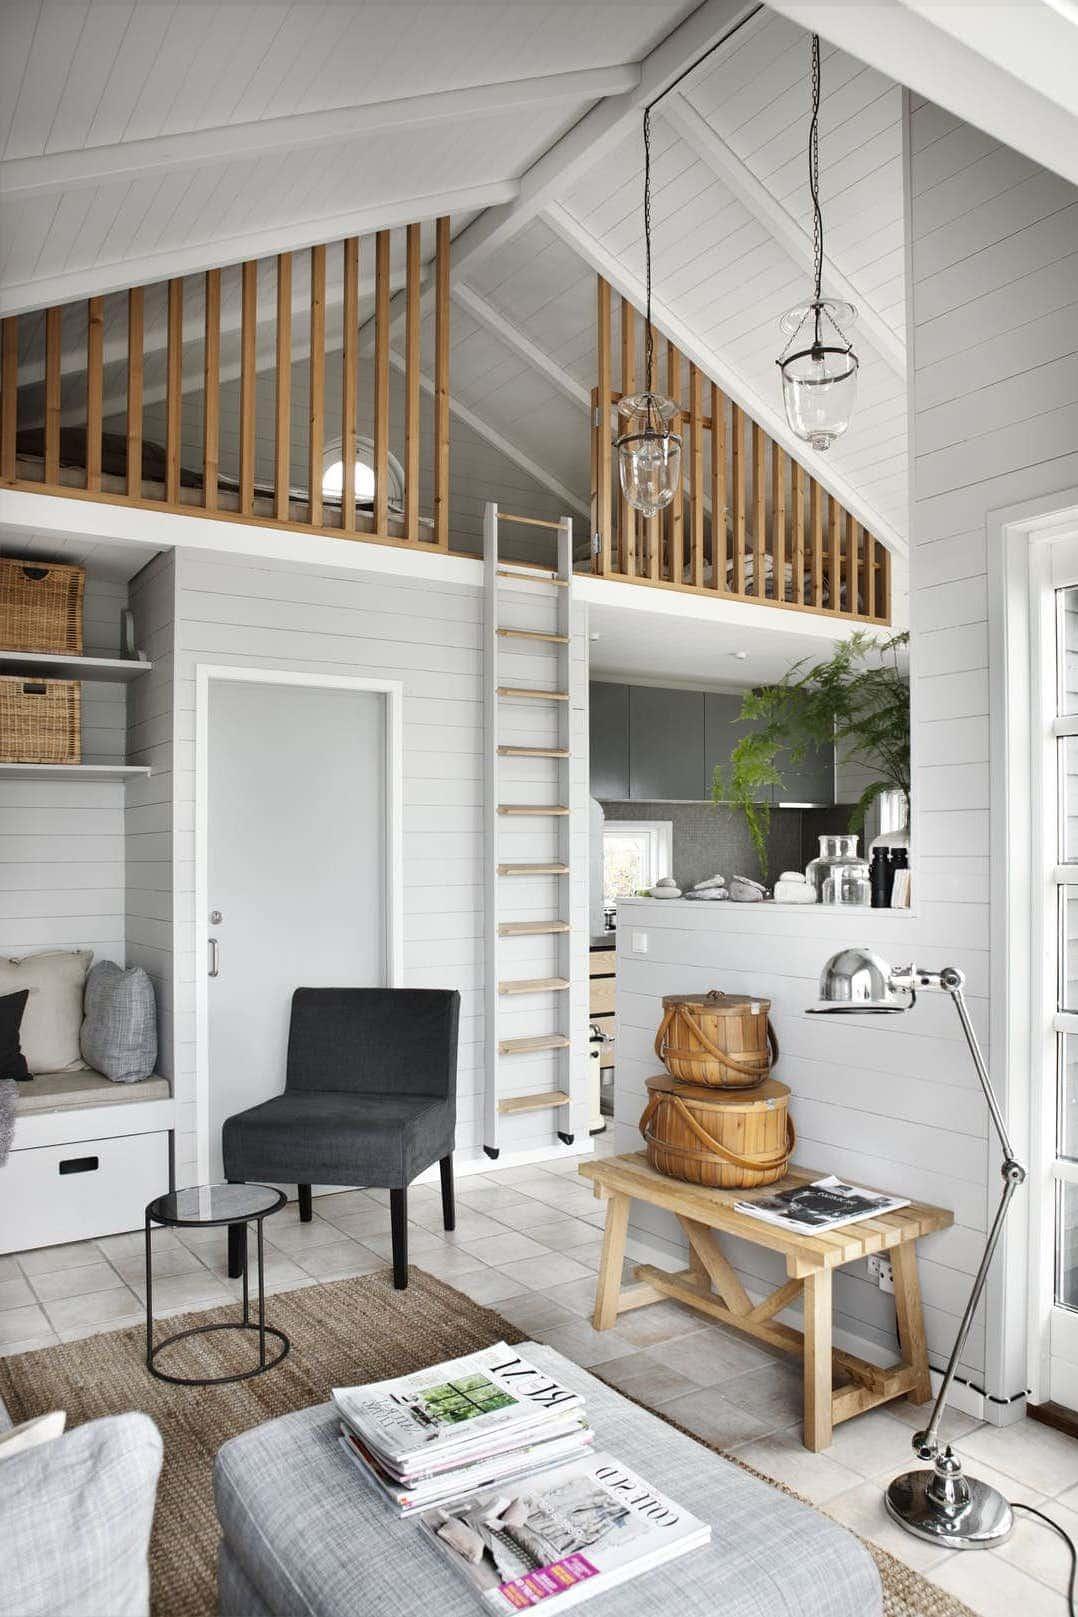 Помимо красоты, скандинавский дизайн гостиной должен обладать максимальной функциональностью и практичностью